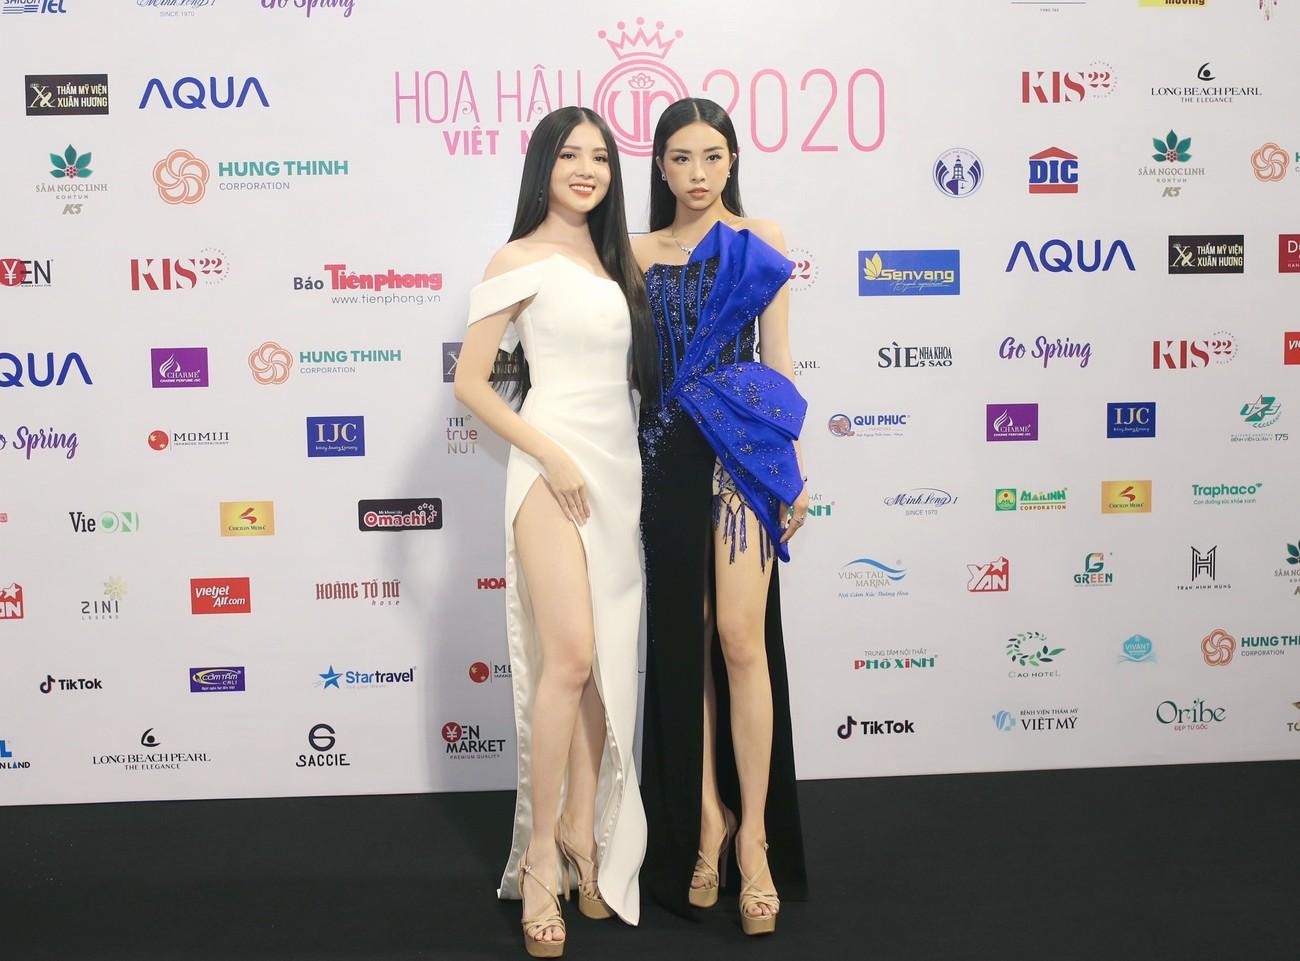 Dàn Hoa hậu, Á hậu khoe dáng nóng bỏng tại họp báo Chung kết toàn quốc HHVN 2020 ảnh 13